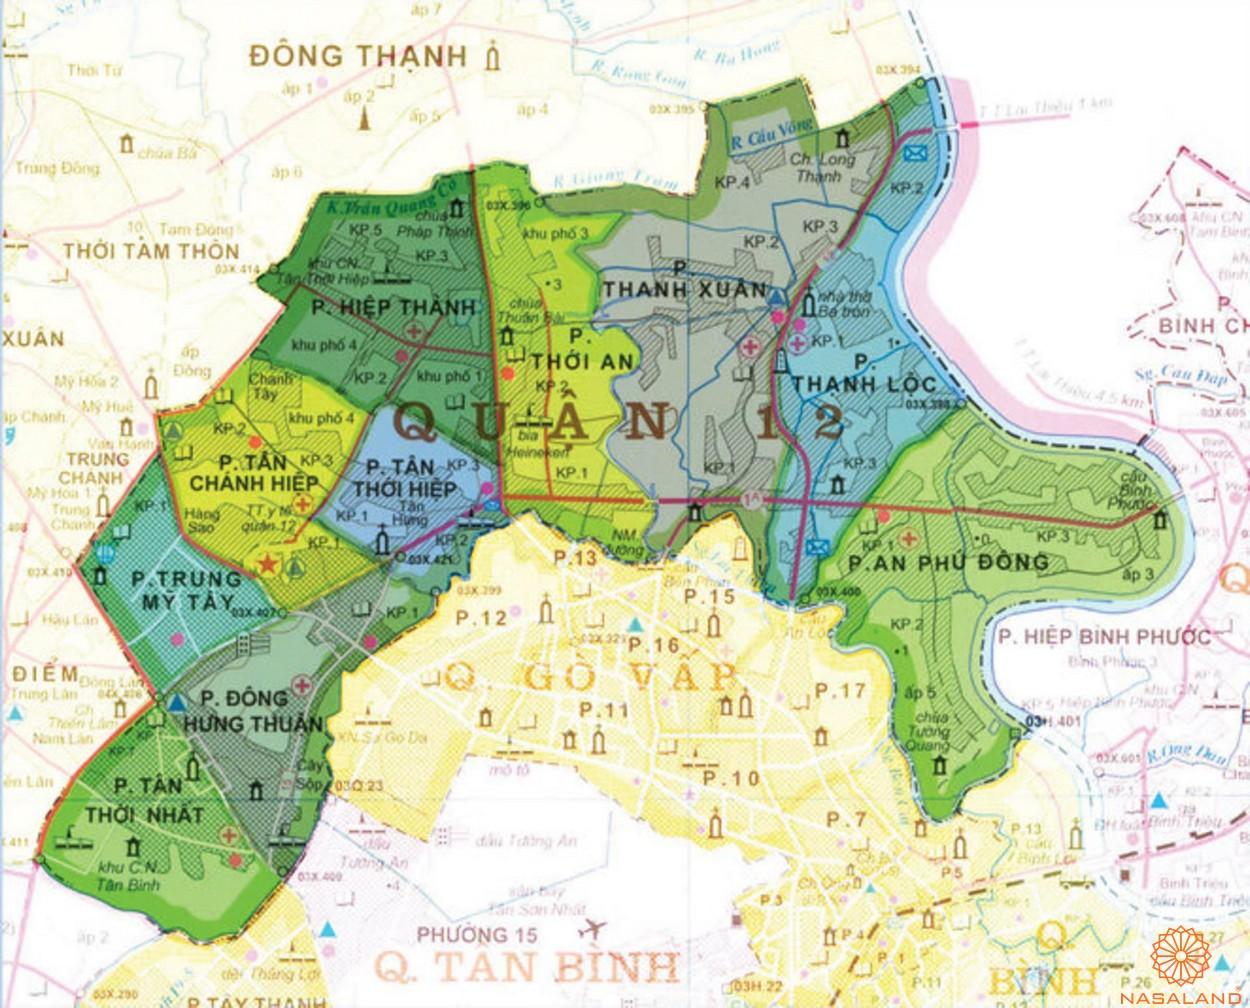 Căn hộ quận 12 - Viên ngọc tiềm năng trong thị trường đầu tư bất động sản - vị trí khu vực